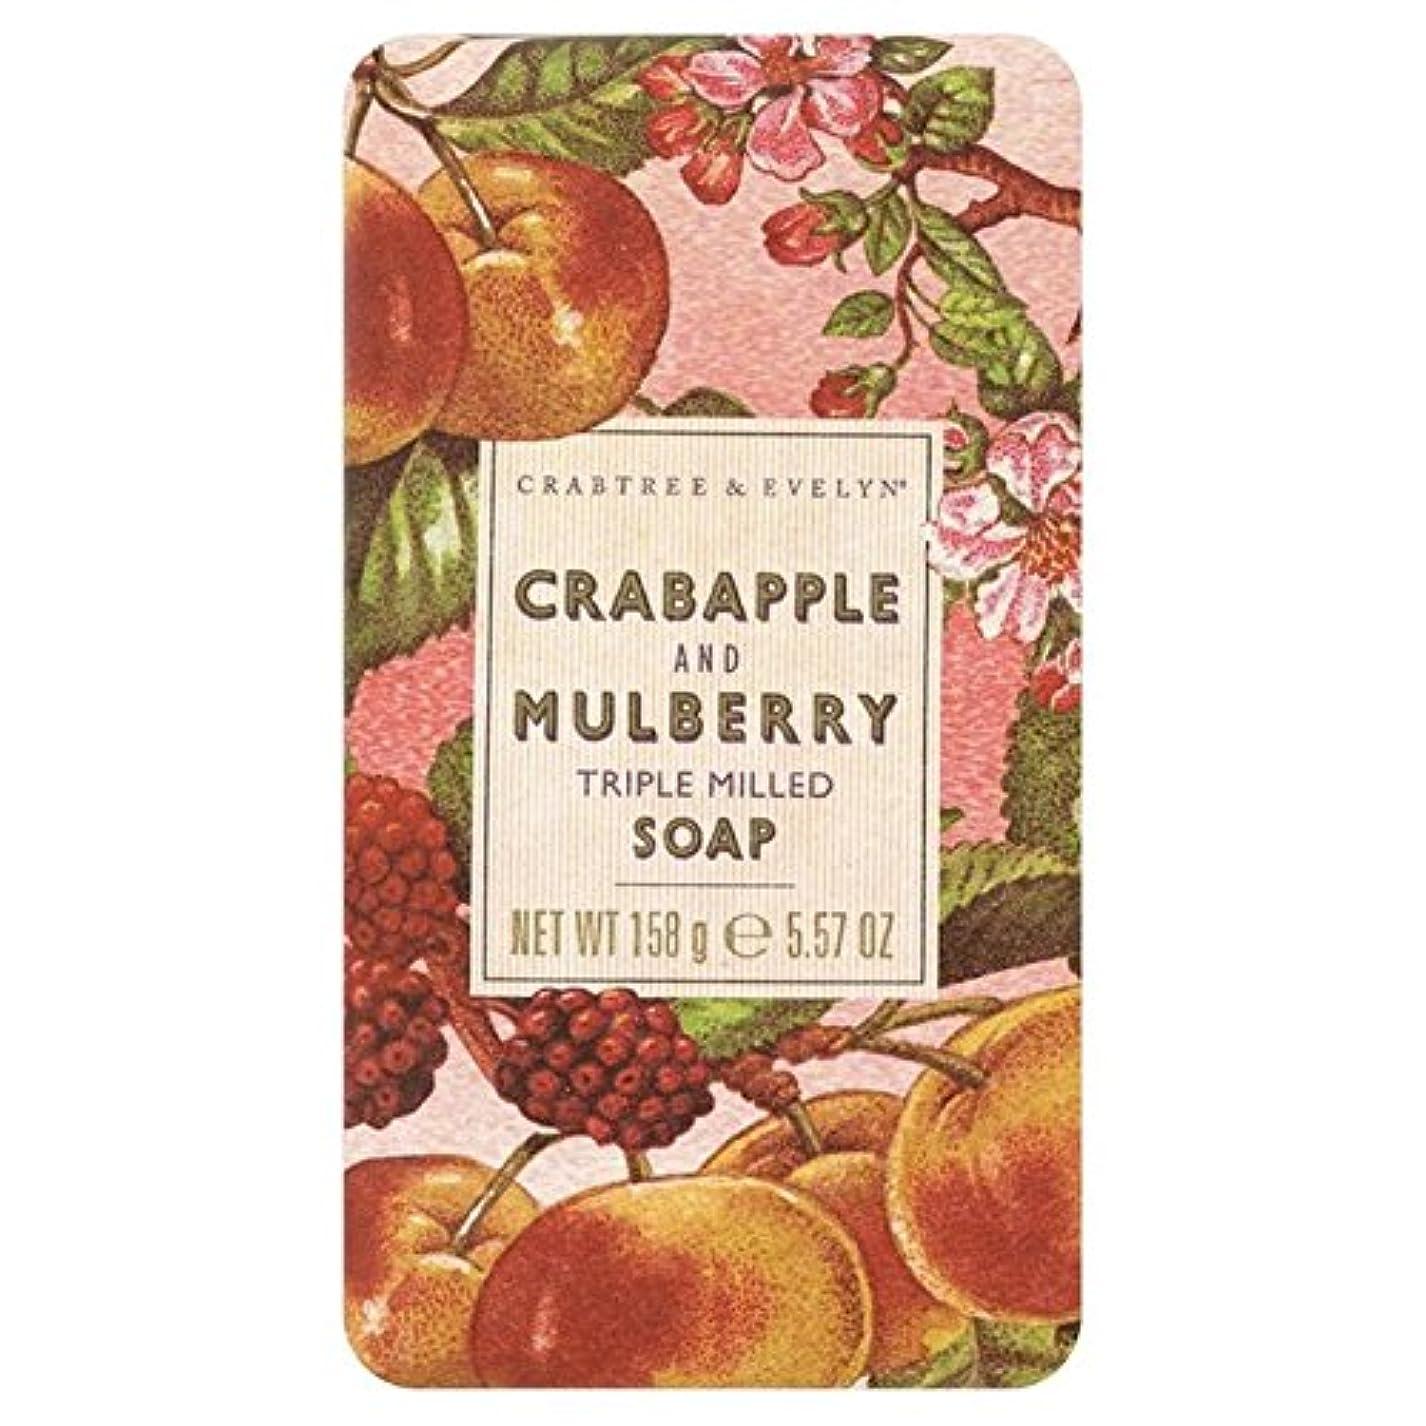 ストレッチアドバンテージ退化するクラブツリー&イヴリンと桑遺産石鹸150グラム x2 - Crabtree & Evelyn Crabapple and Mulberry Heritage Soap 150g (Pack of 2) [並行輸入品]